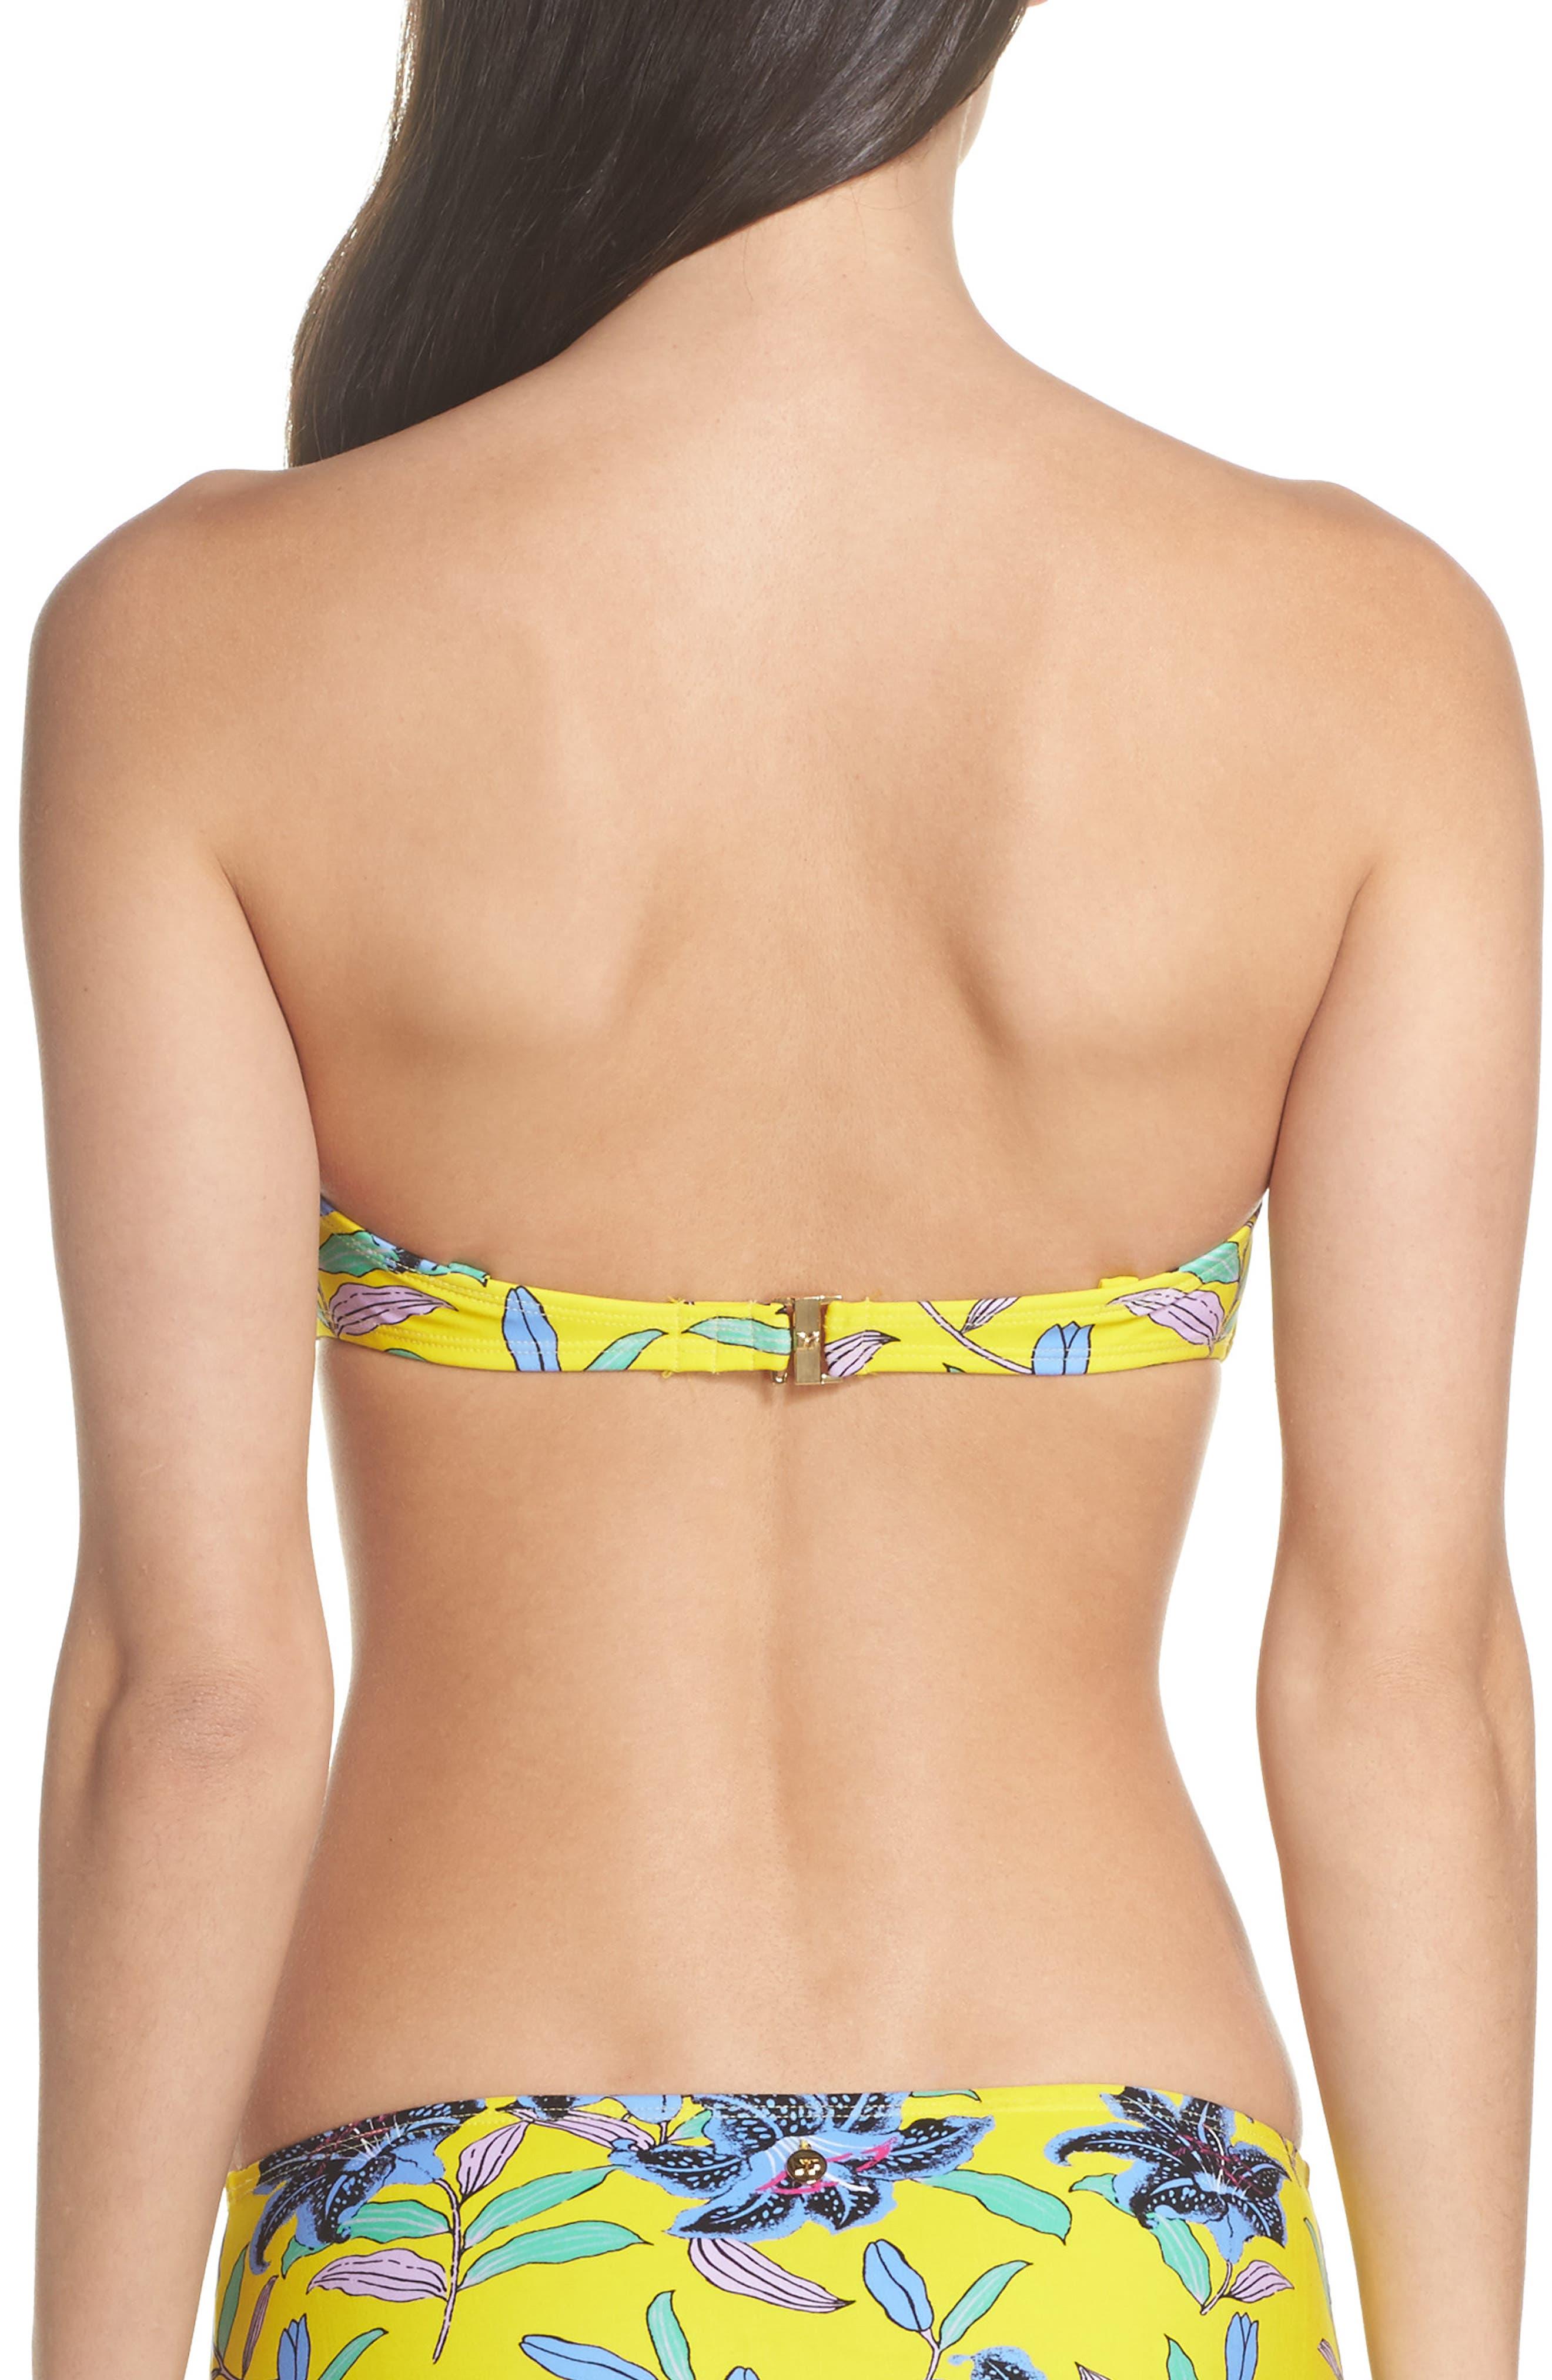 Alternate Image 2  - Diane von Furstenberg Strapless Bikini Top